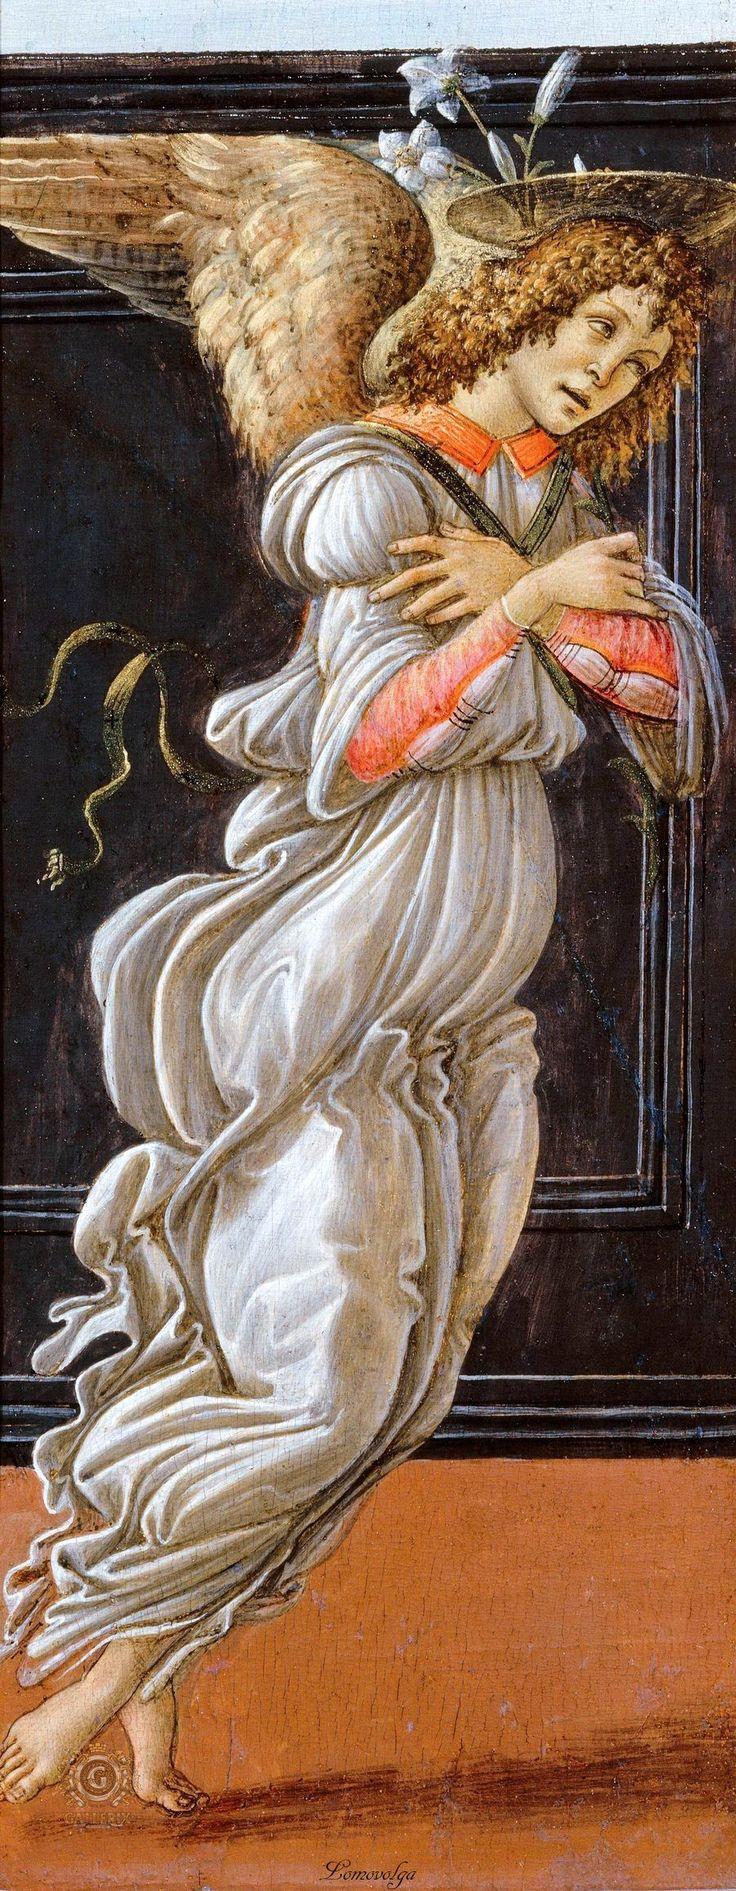 Сандро Боттичелли Благовещение (фрагмент) ГМИИ им. Пушкина, Москва. 1490-00. 45x13 каждая створка